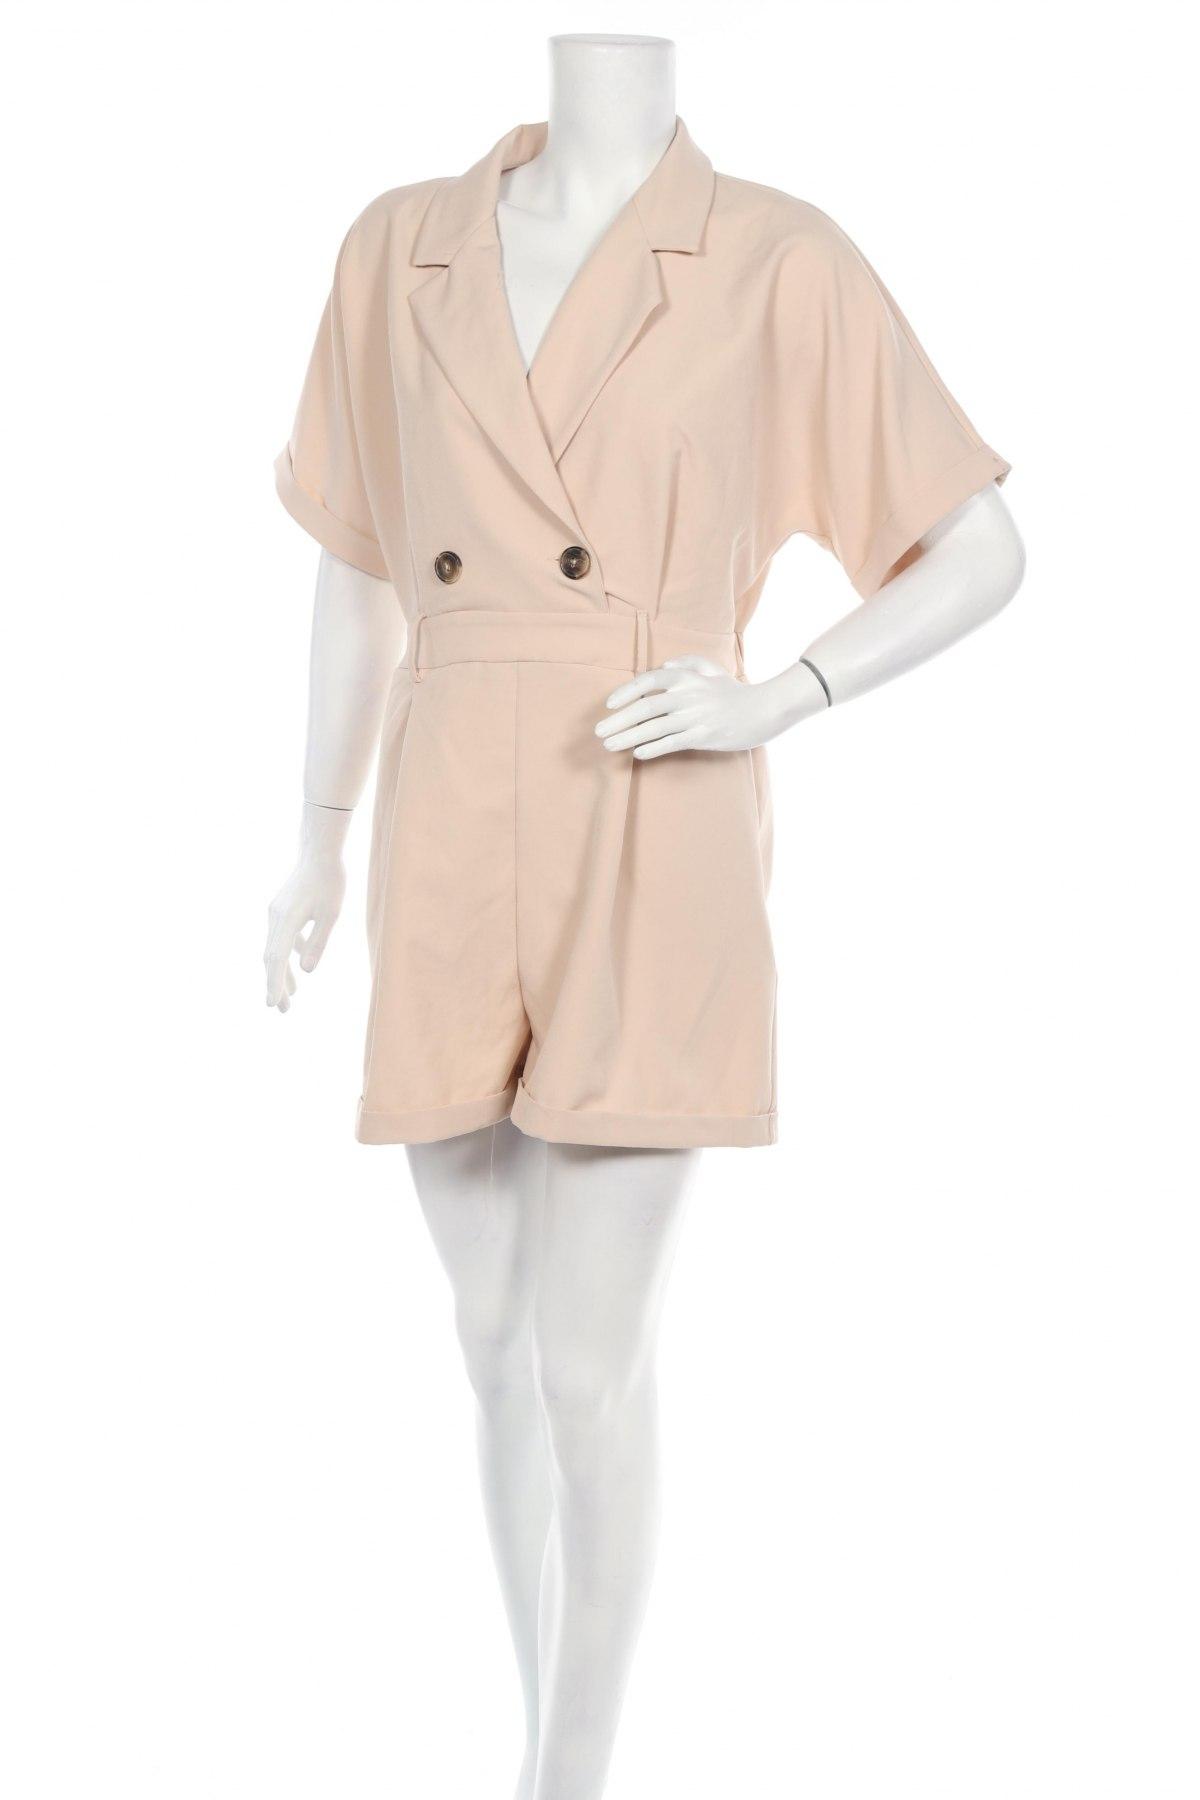 Γυναικεία σαλοπέτα Trendyol, Μέγεθος M, Χρώμα  Μπέζ, 96% πολυεστέρας, 4% ελαστάνη, Τιμή 23,12€